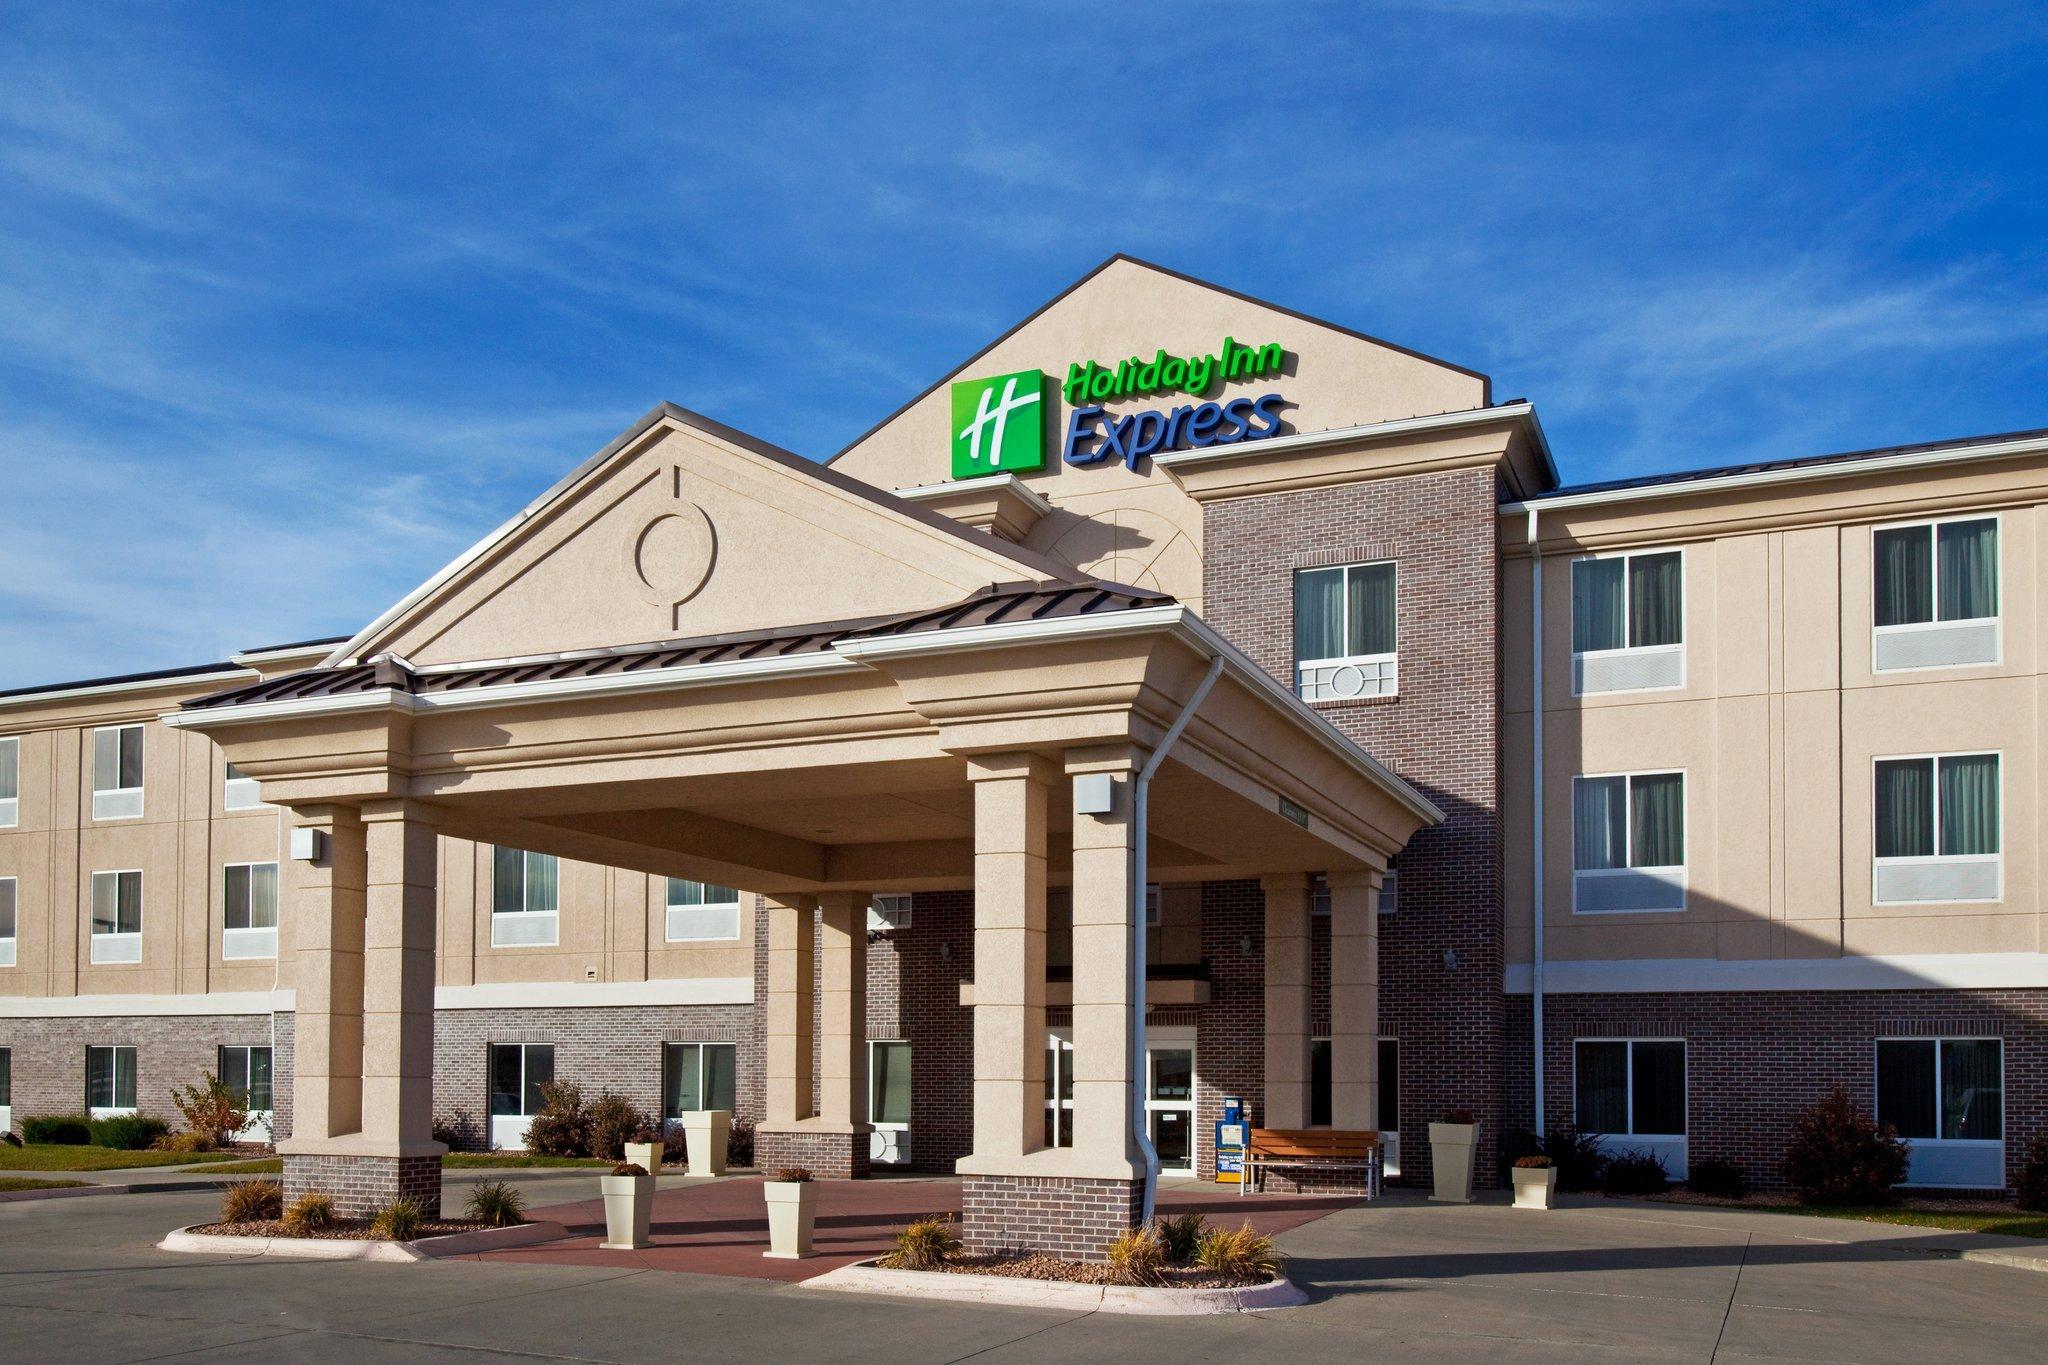 Holiday Inn Express Ankeny